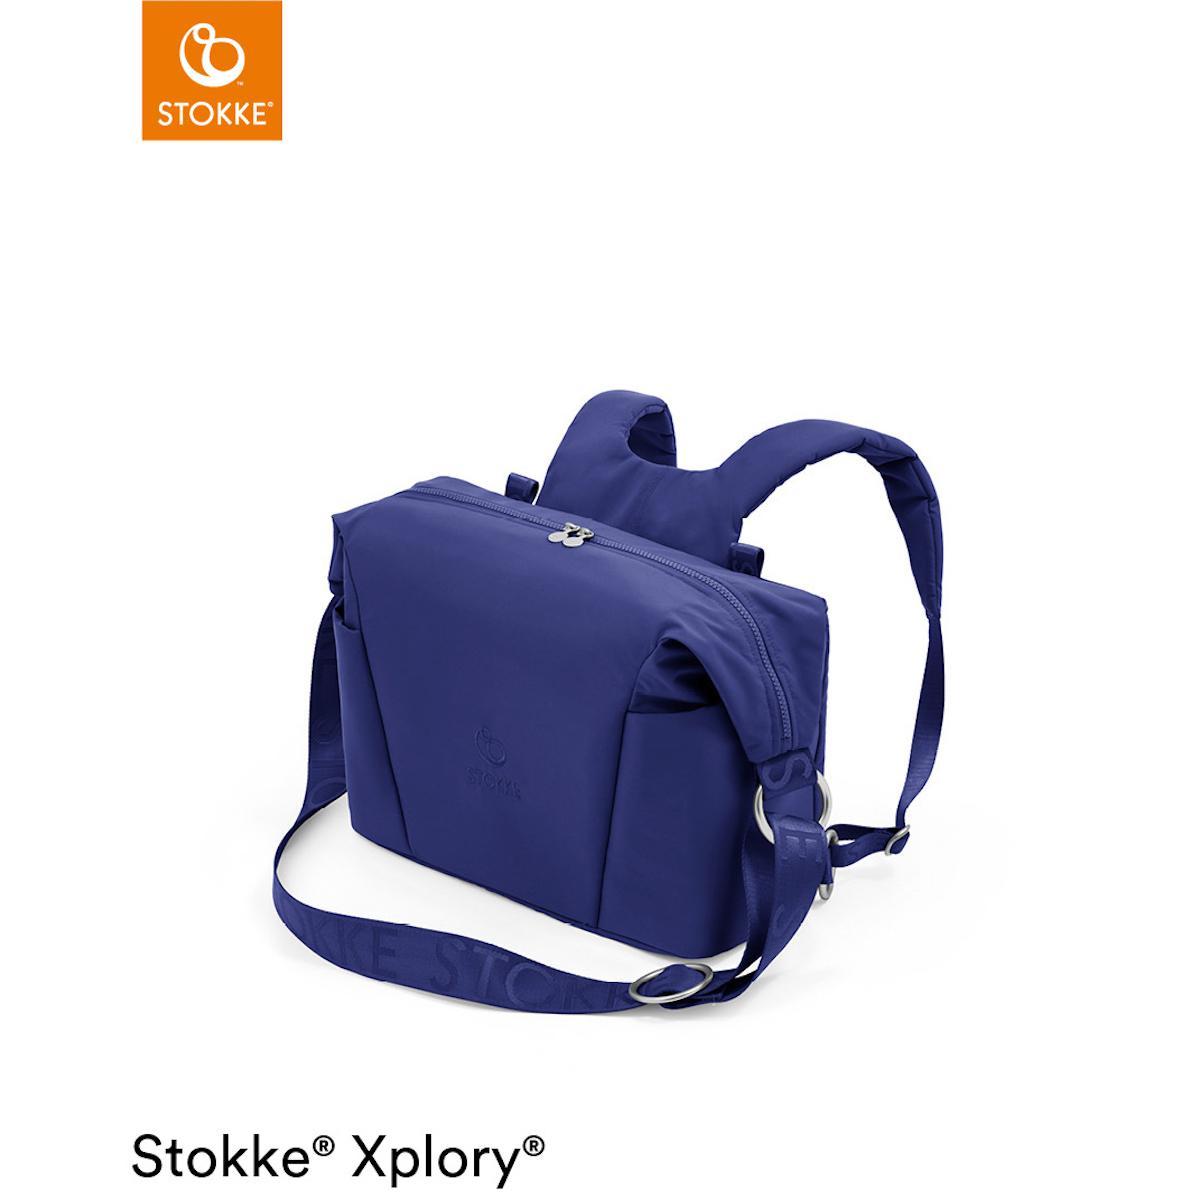 Wickeltasche XPLORY X Stokke Royal Blue